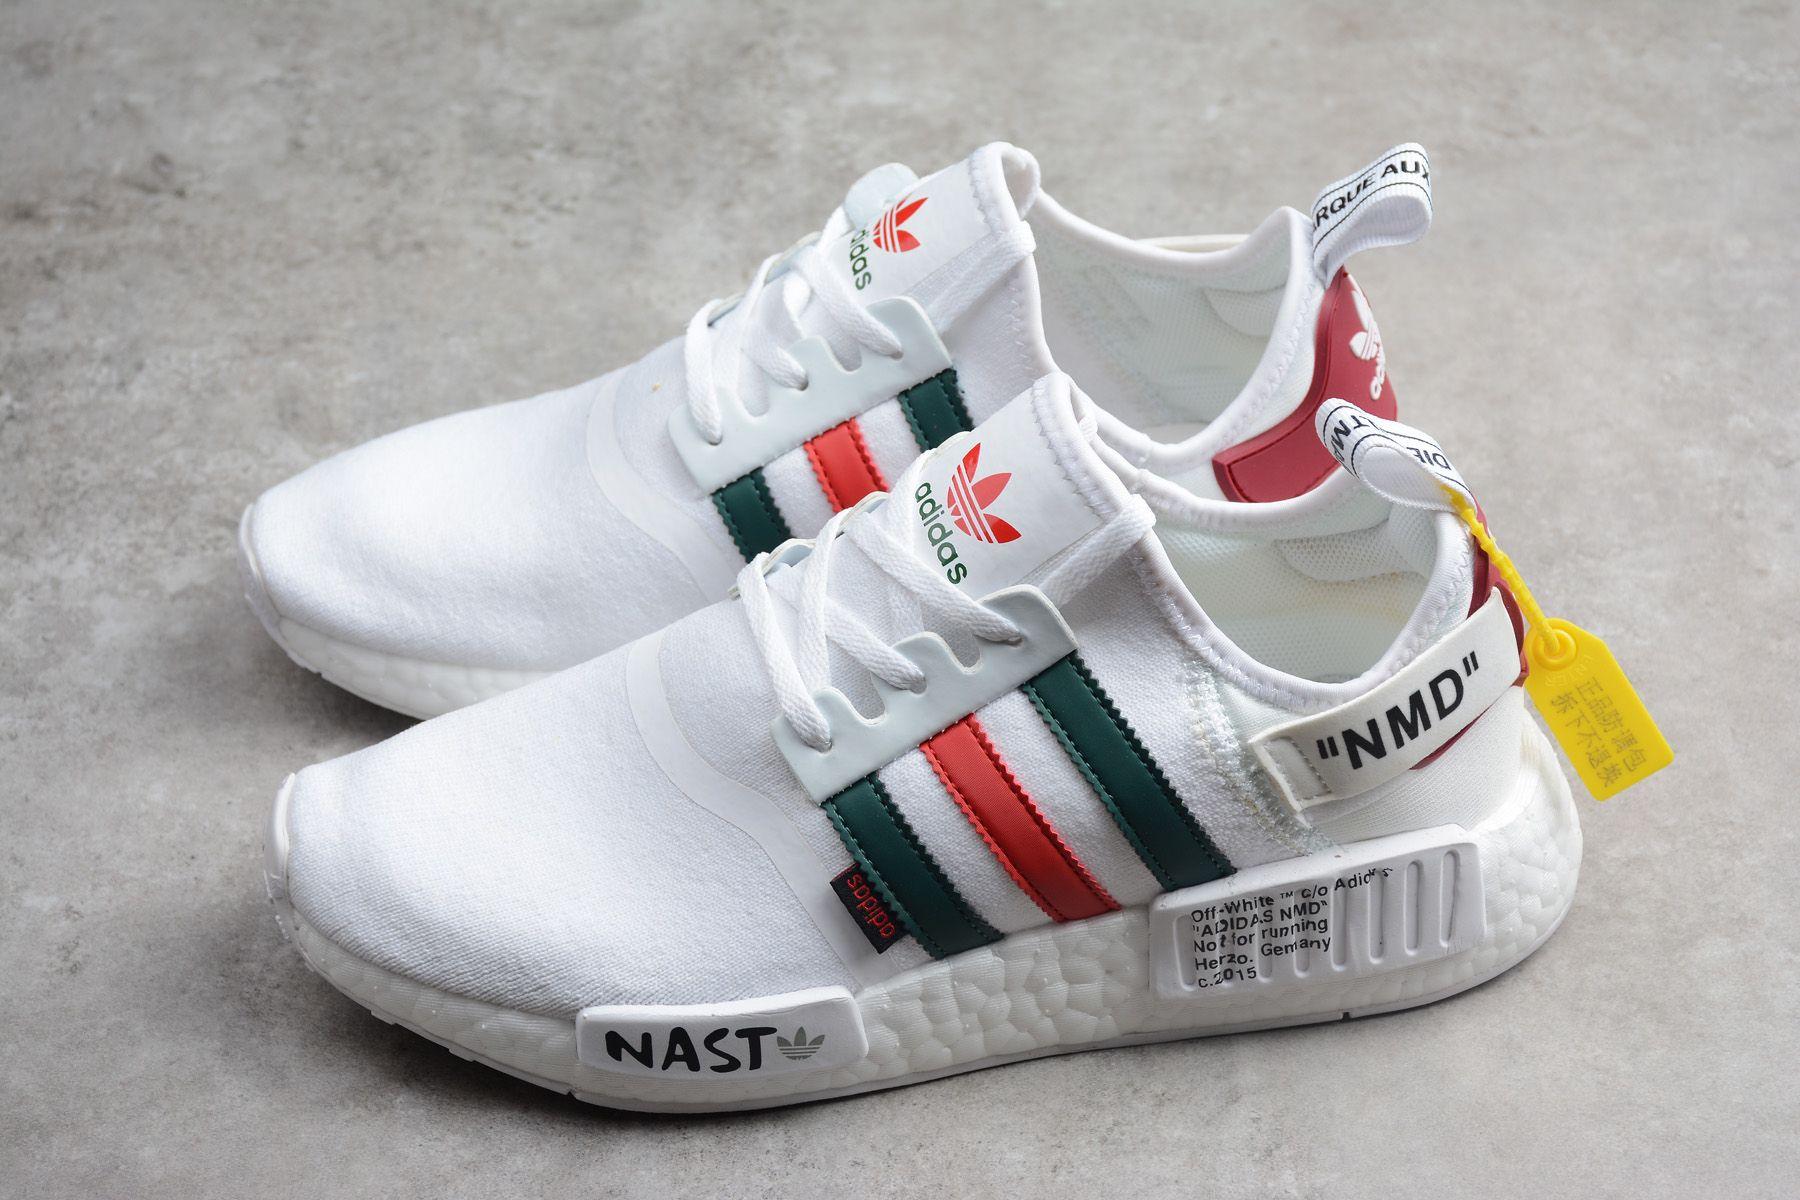 2019 adidas nmd